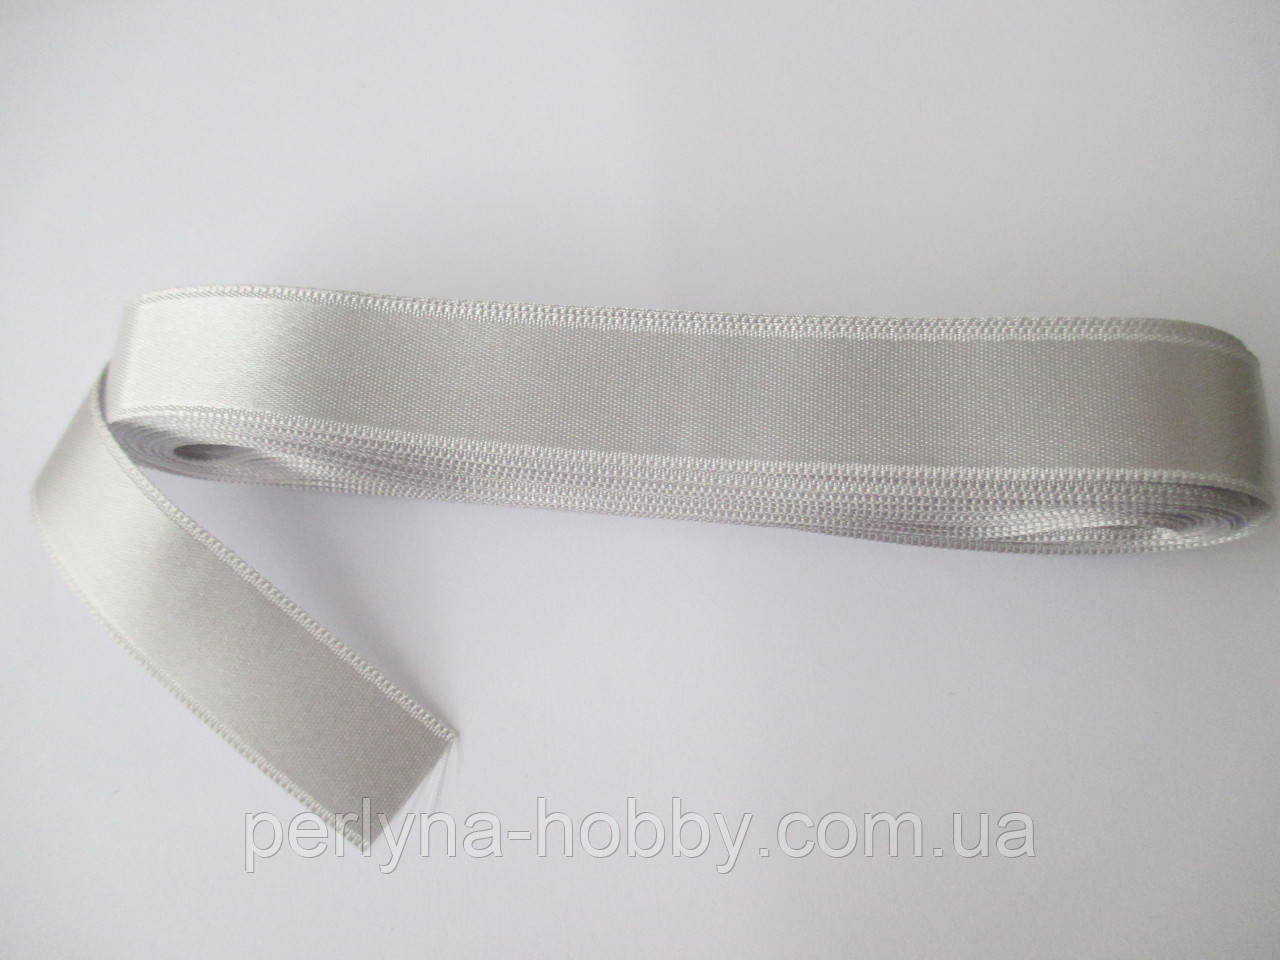 Стрічка атласна  двостороння 2 см Лента атласная двухсторонняя.( 10 метрів) світло-сіра G-800